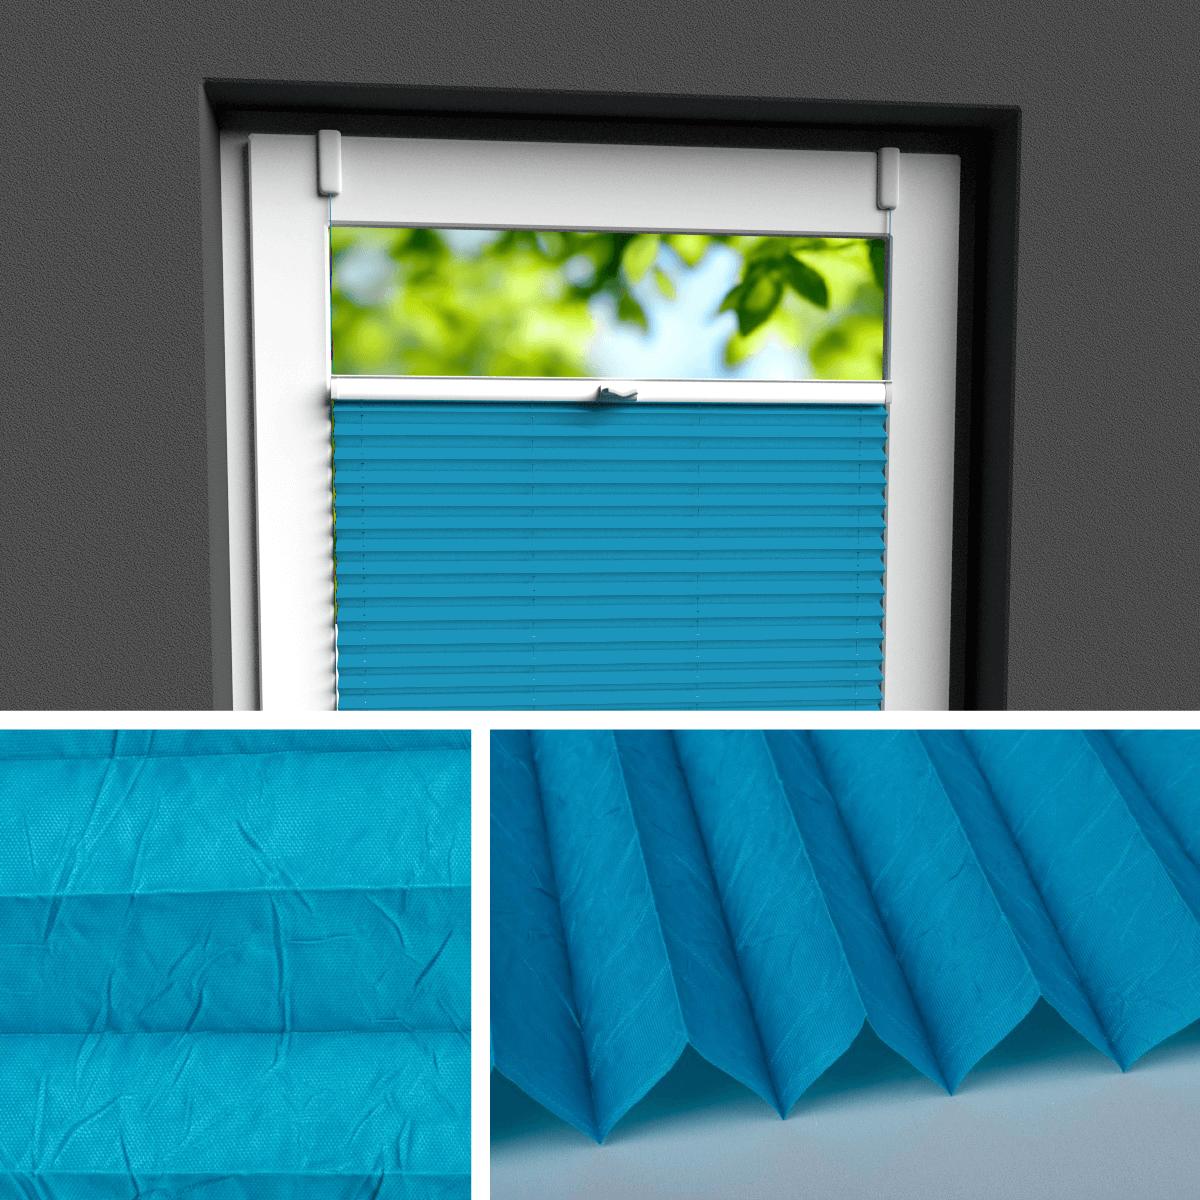 Plissee Rollo Der Perfekte Sichtschutz Fur Fenster Plissee De